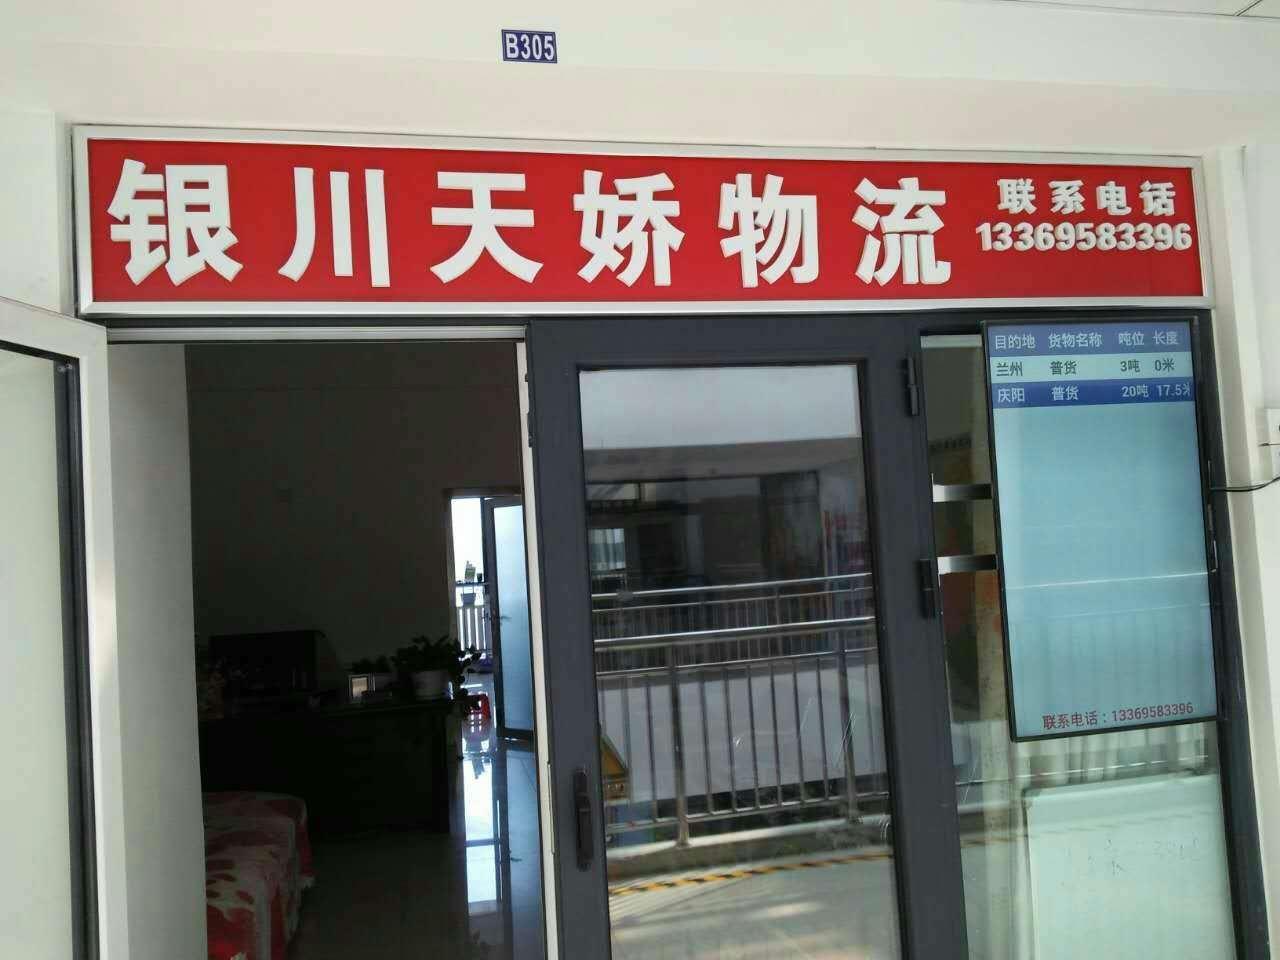 银川到玉林物流专线(银川岳彩平货运中心)